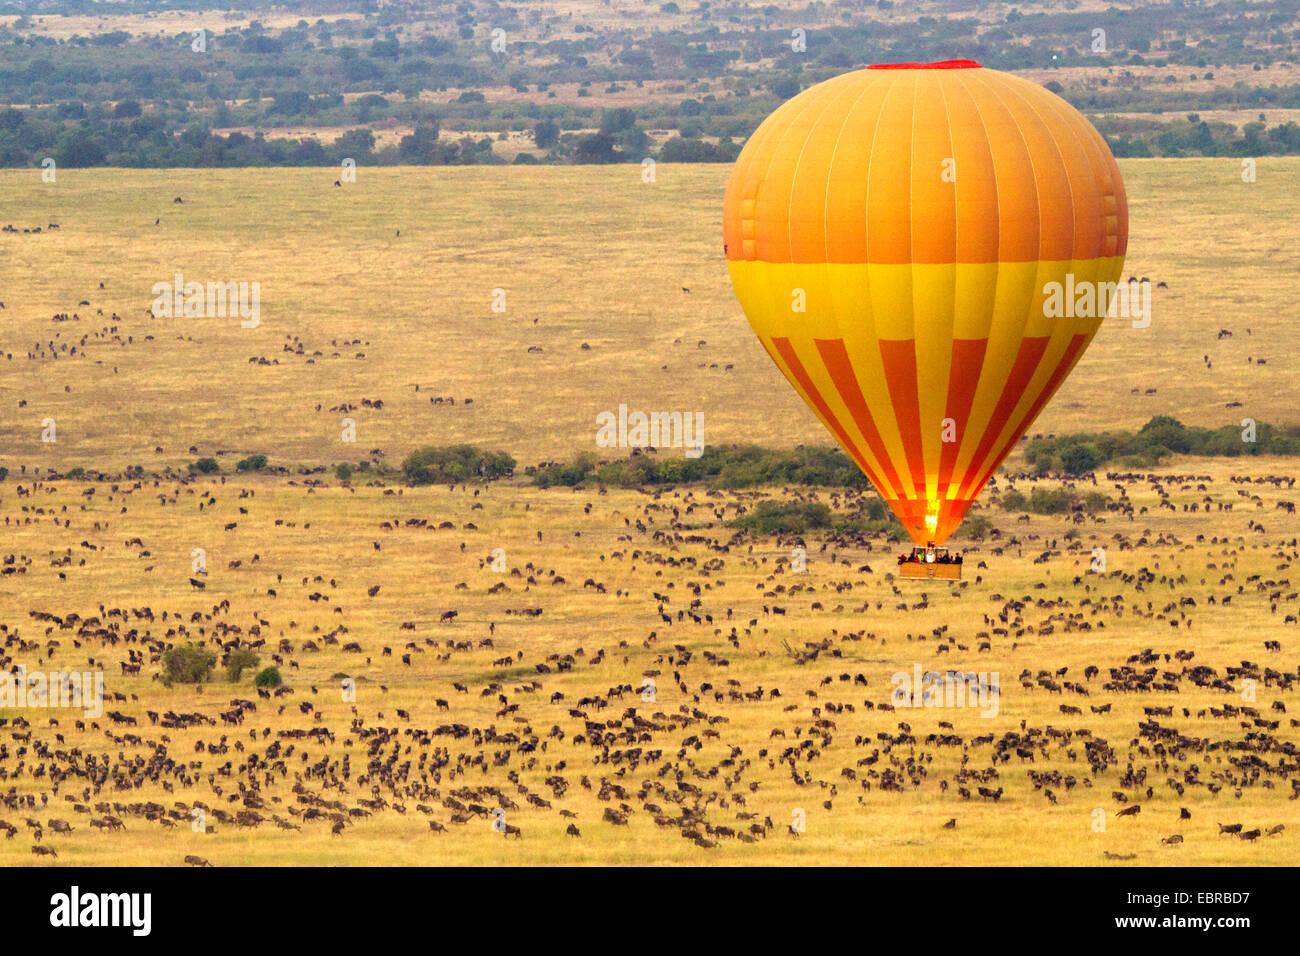 balloon safari at the Masai Mara in the morning, Kenya, Masai Mara National Park - Stock Image